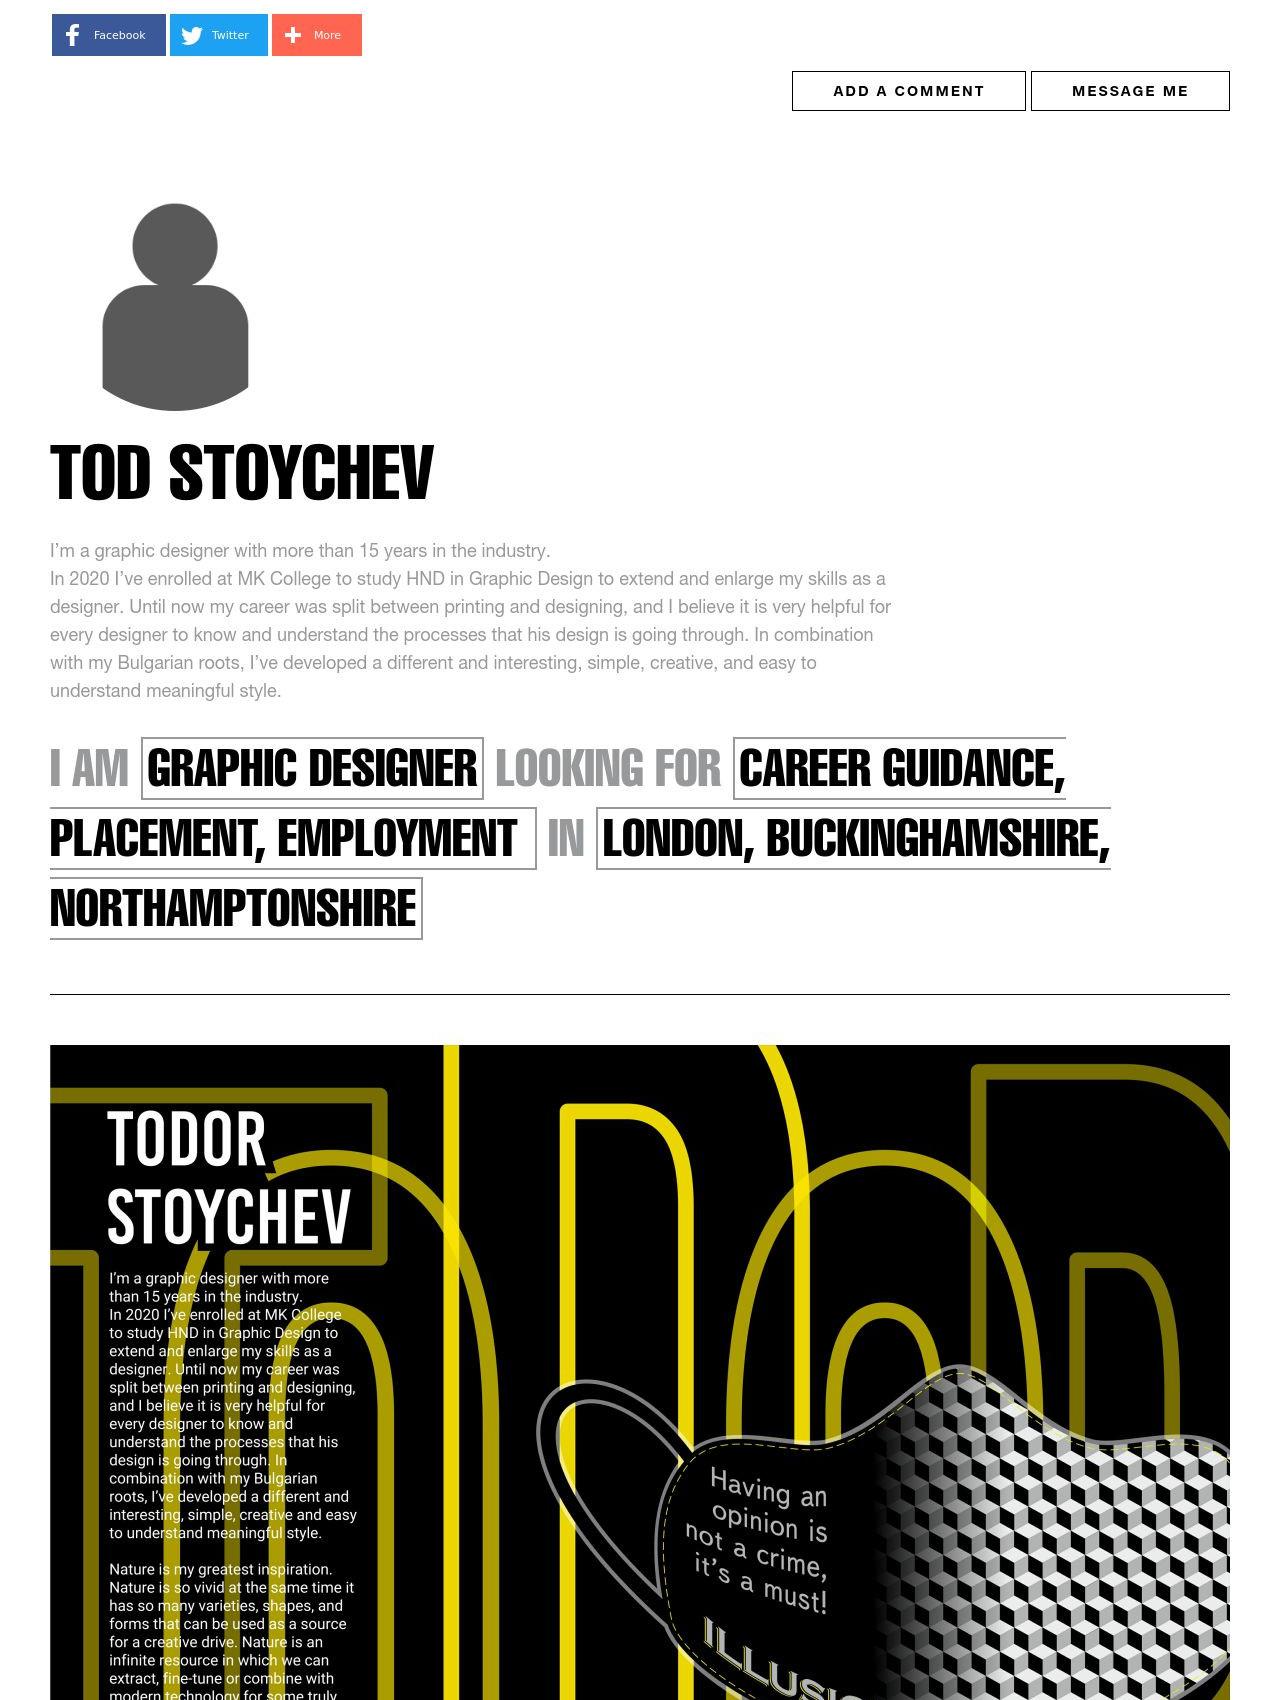 Tod Stoychev